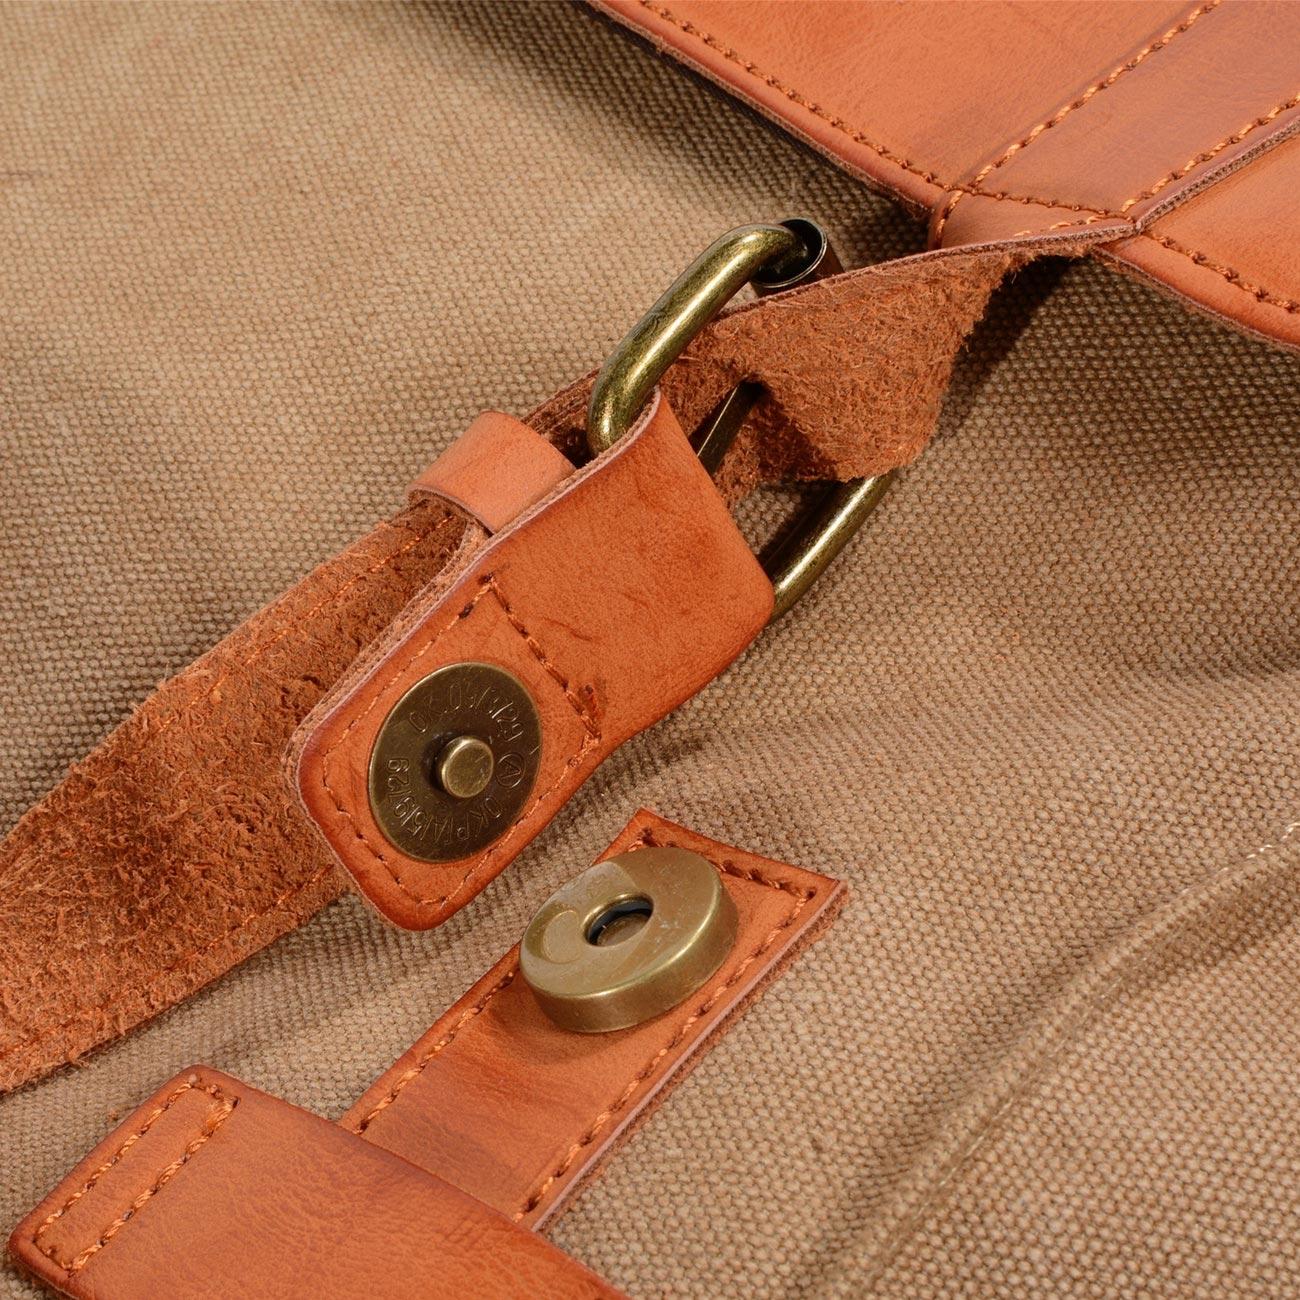 Balo vải bố cao cấp phối da bò AT Leather BL6820 màu vàng kaki